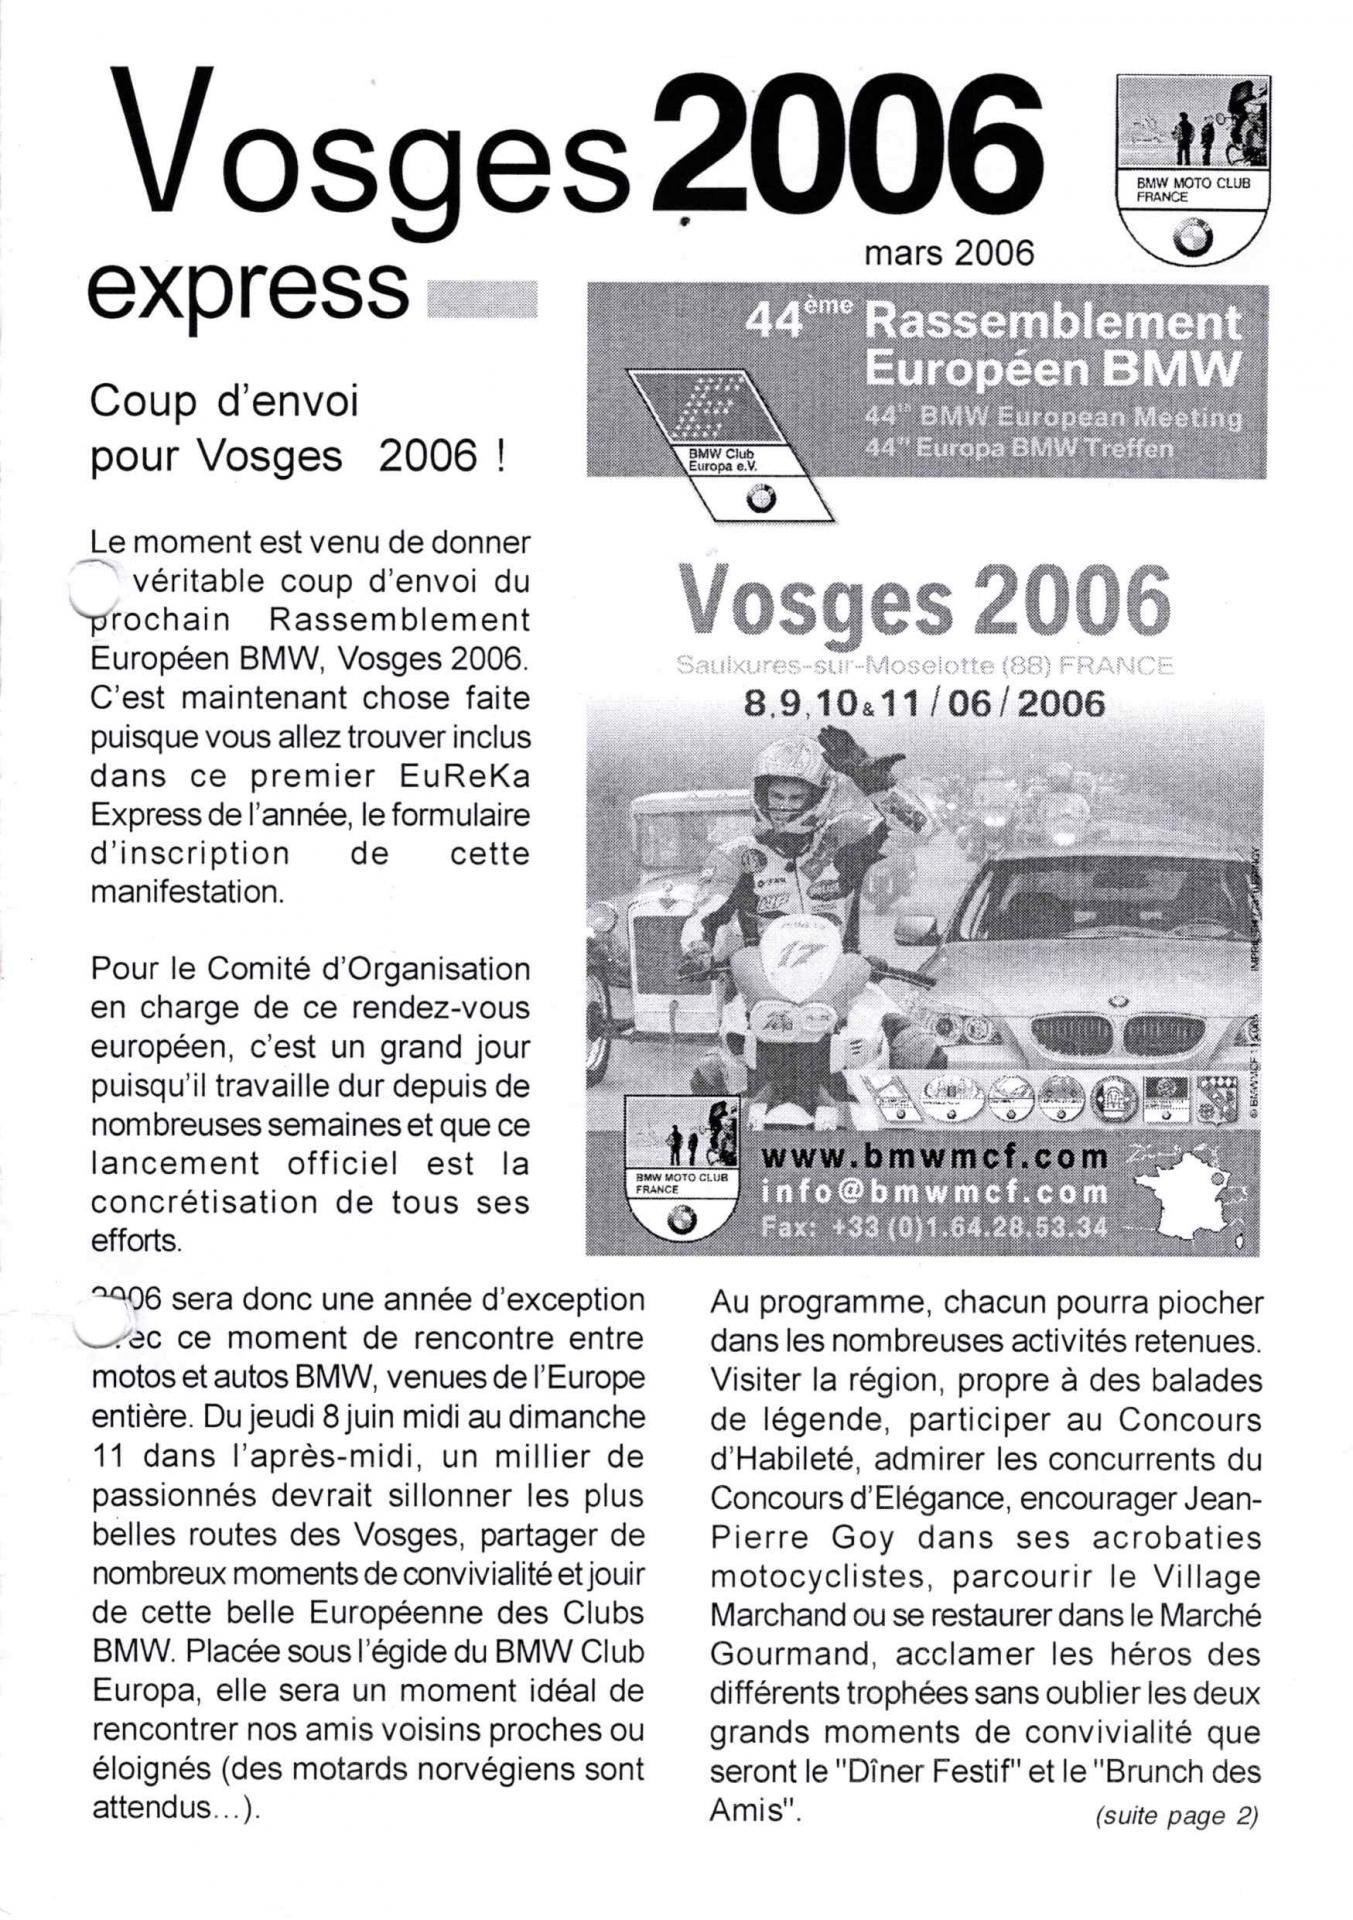 2006 03 vosges express 1